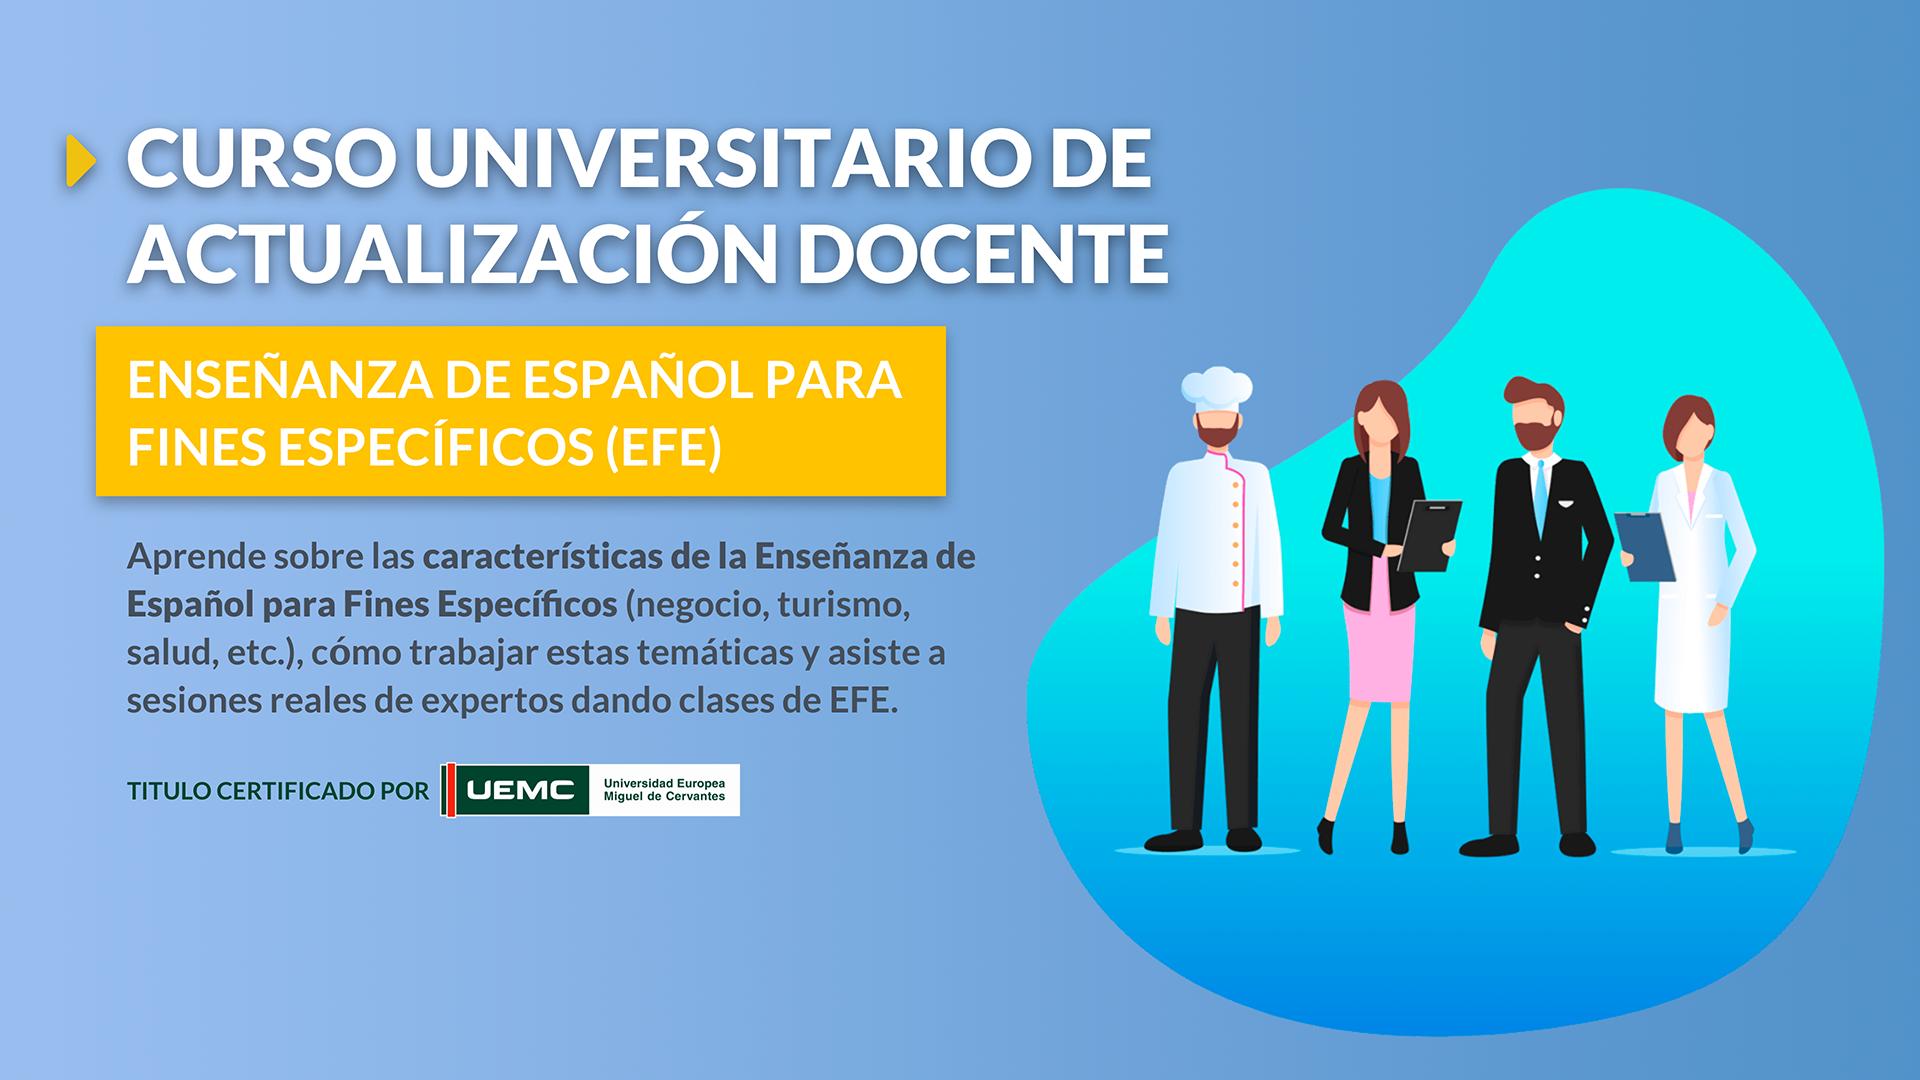 Cursos Universitarios de Actualización Docente: Enseñanza de español para fines especificos (EFE)